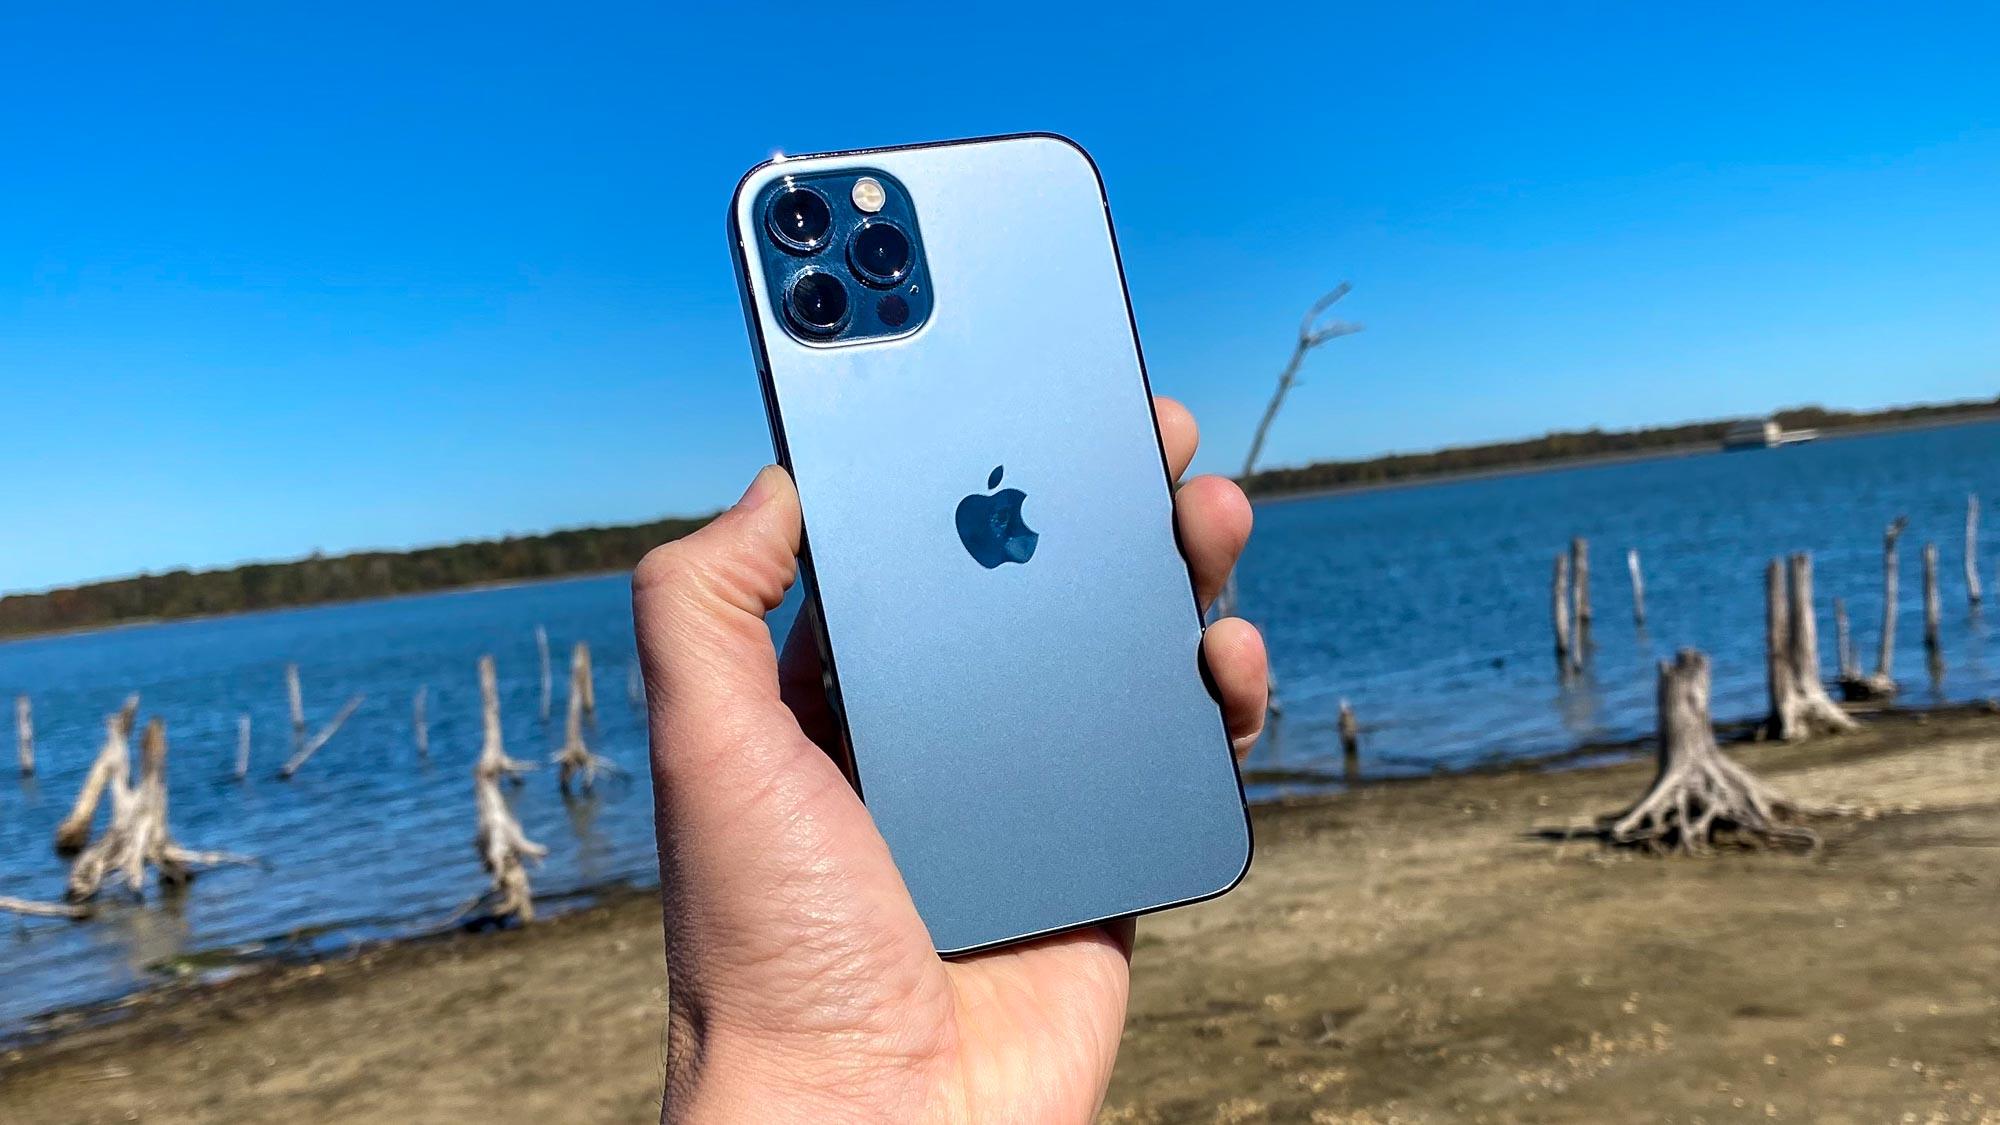 Bộ nhớ 64GB không còn khả dụng trên iPhone 12